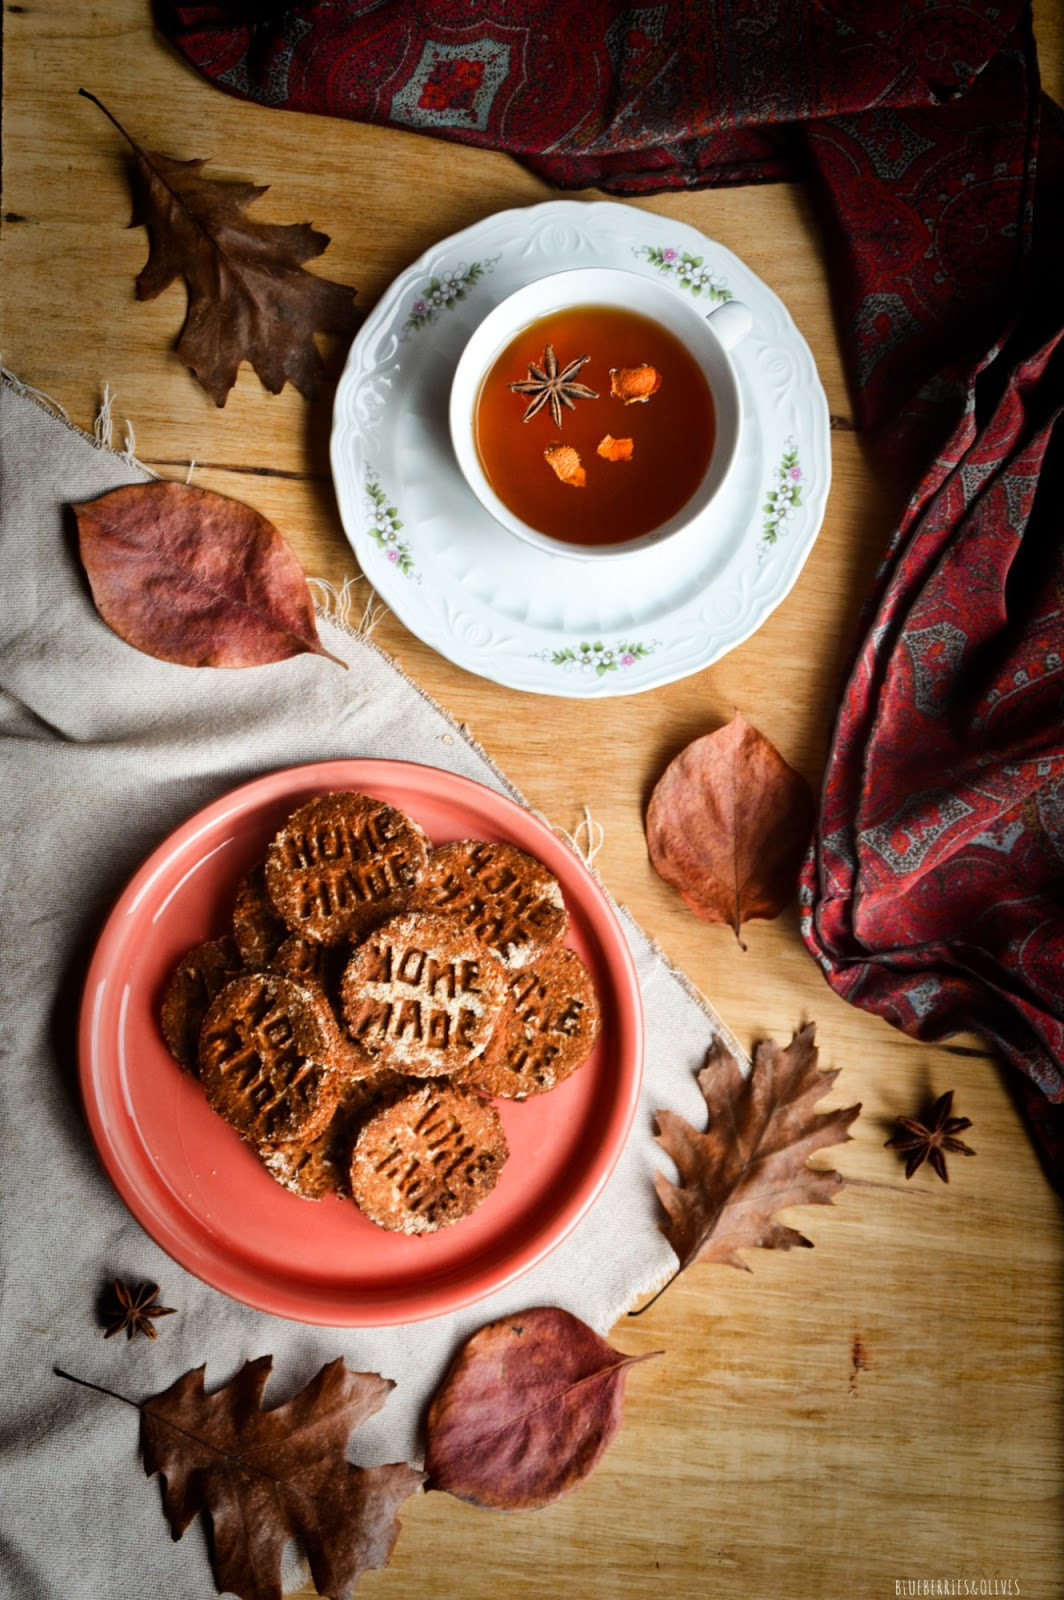 Vista cenital, seevilleta vintaje burdeos, taza porcelana antigua con té, Galletas caseras sobre plato cerámica rojo, fondo madera oscuro, manzanas rojas, hojas secas otoño, paño de lino beige